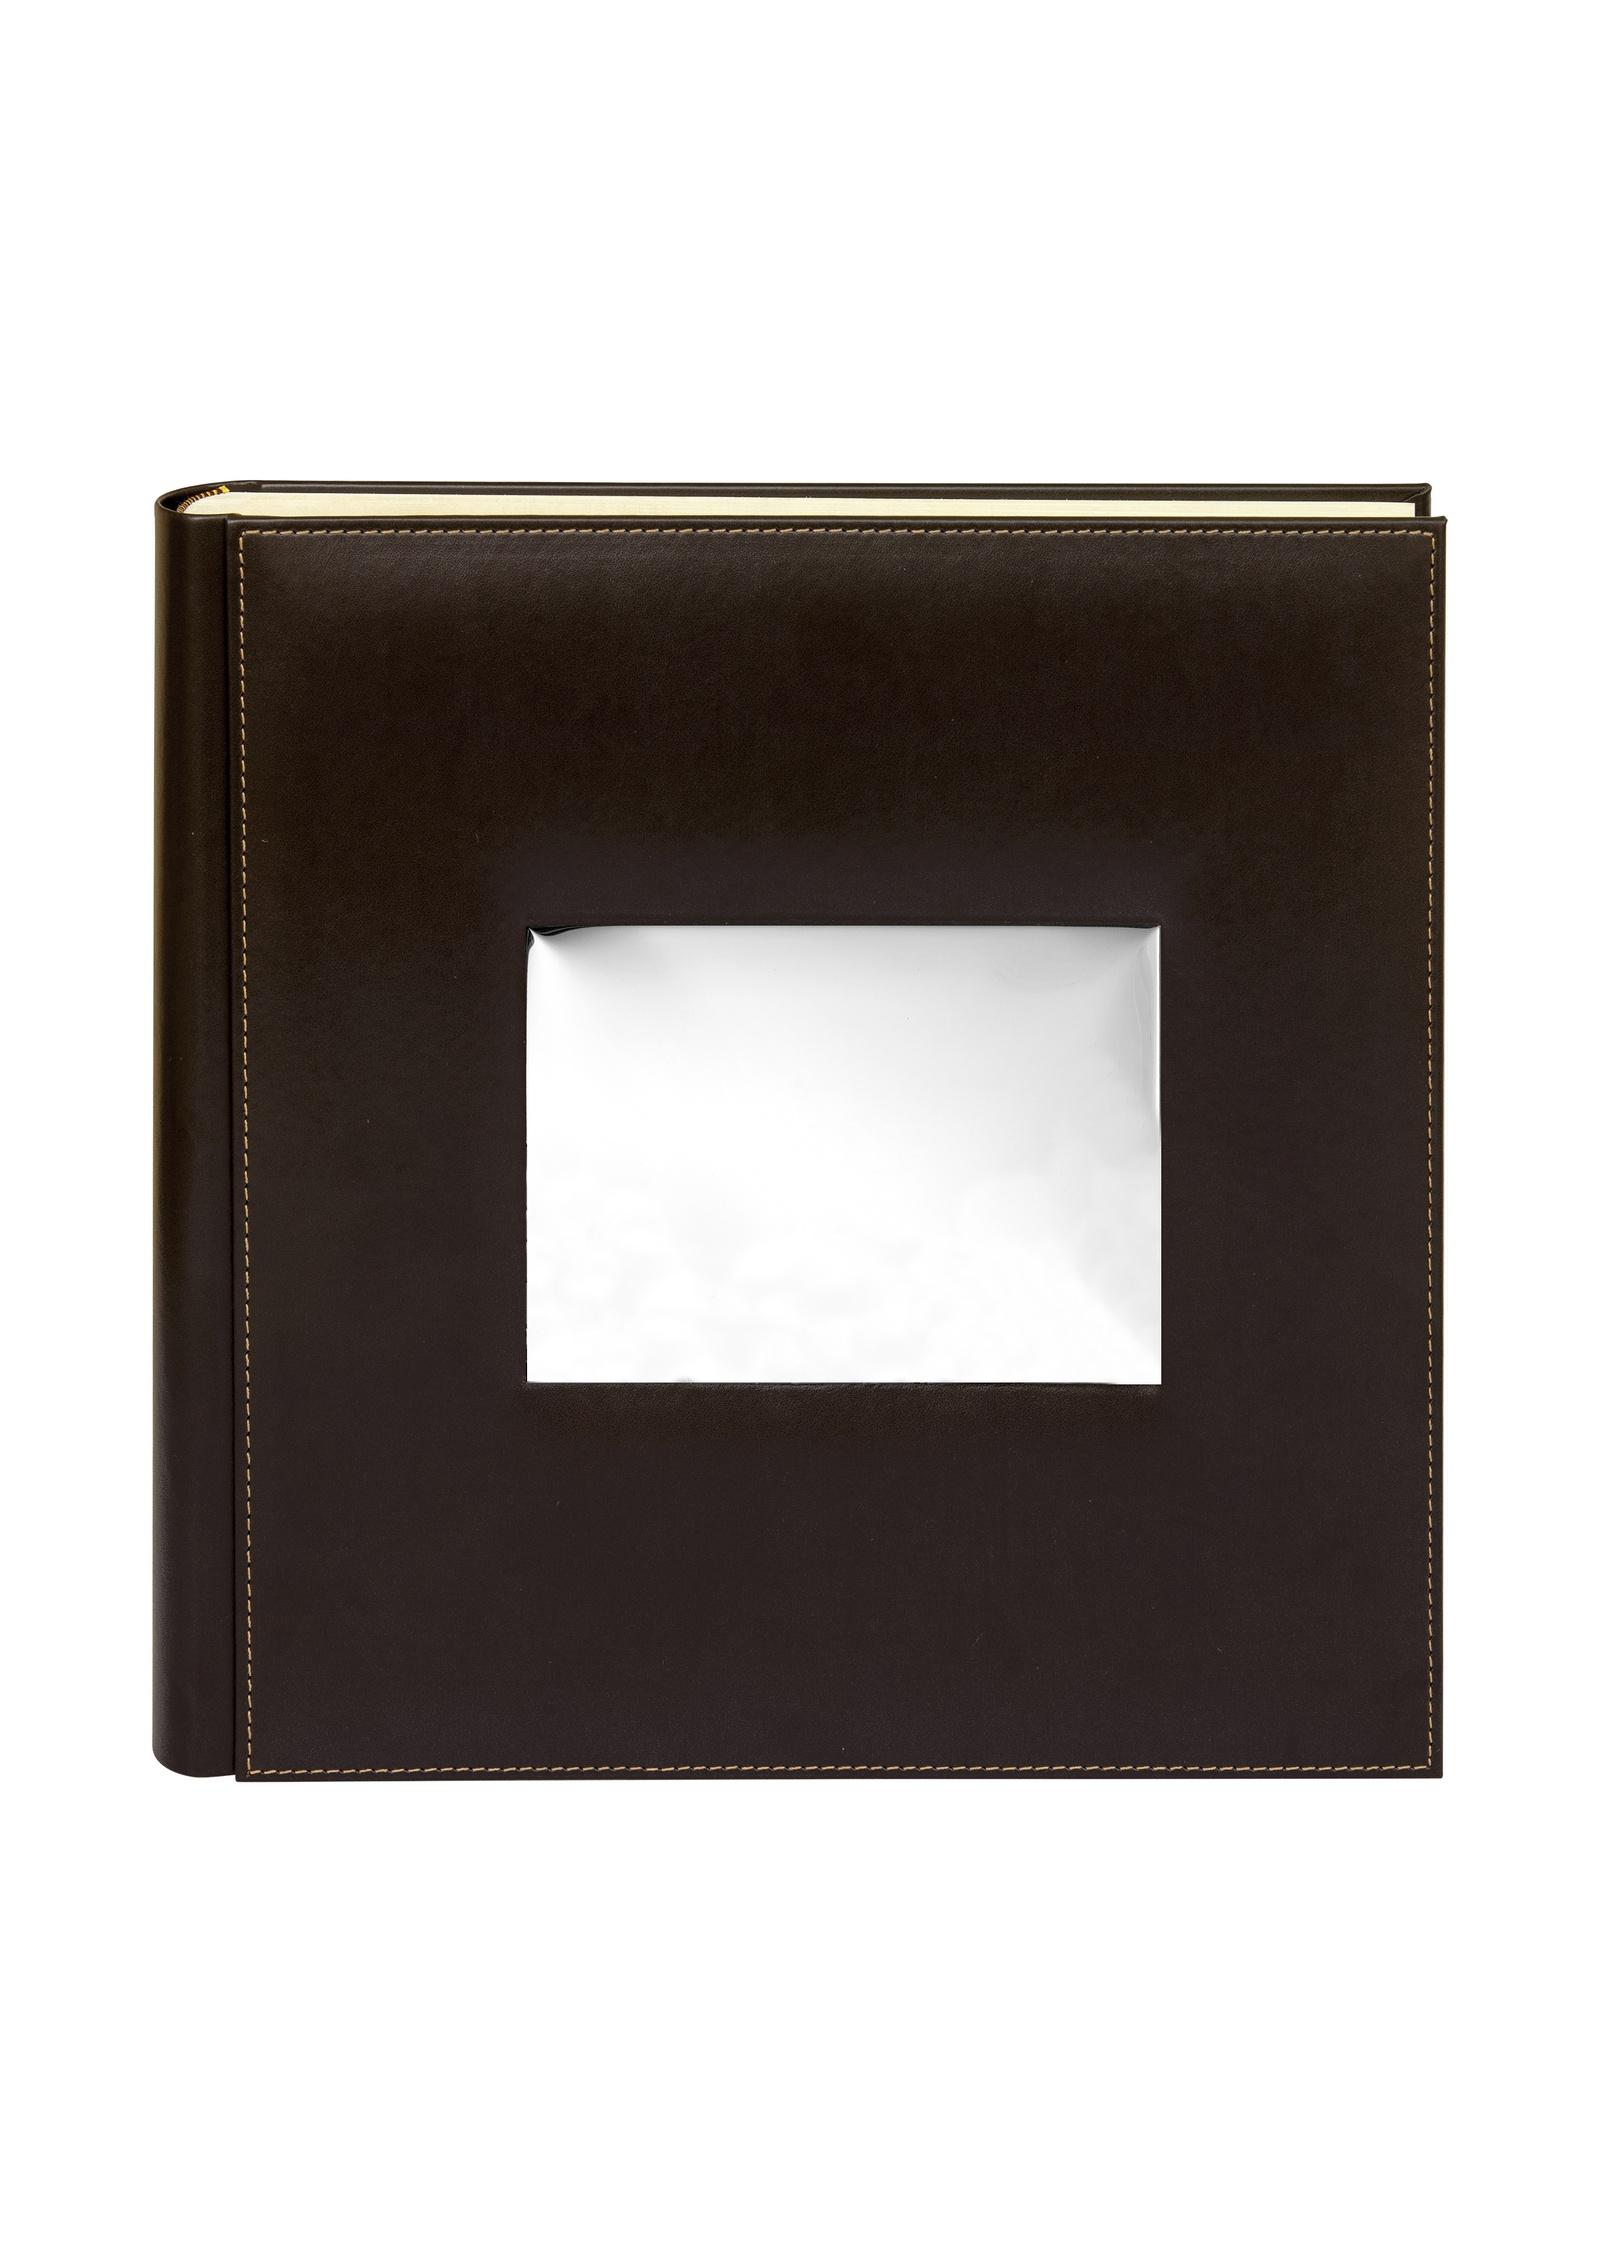 Фото - Фотоальбом Beltrami 2657/4M, коричневый фотоальбомы